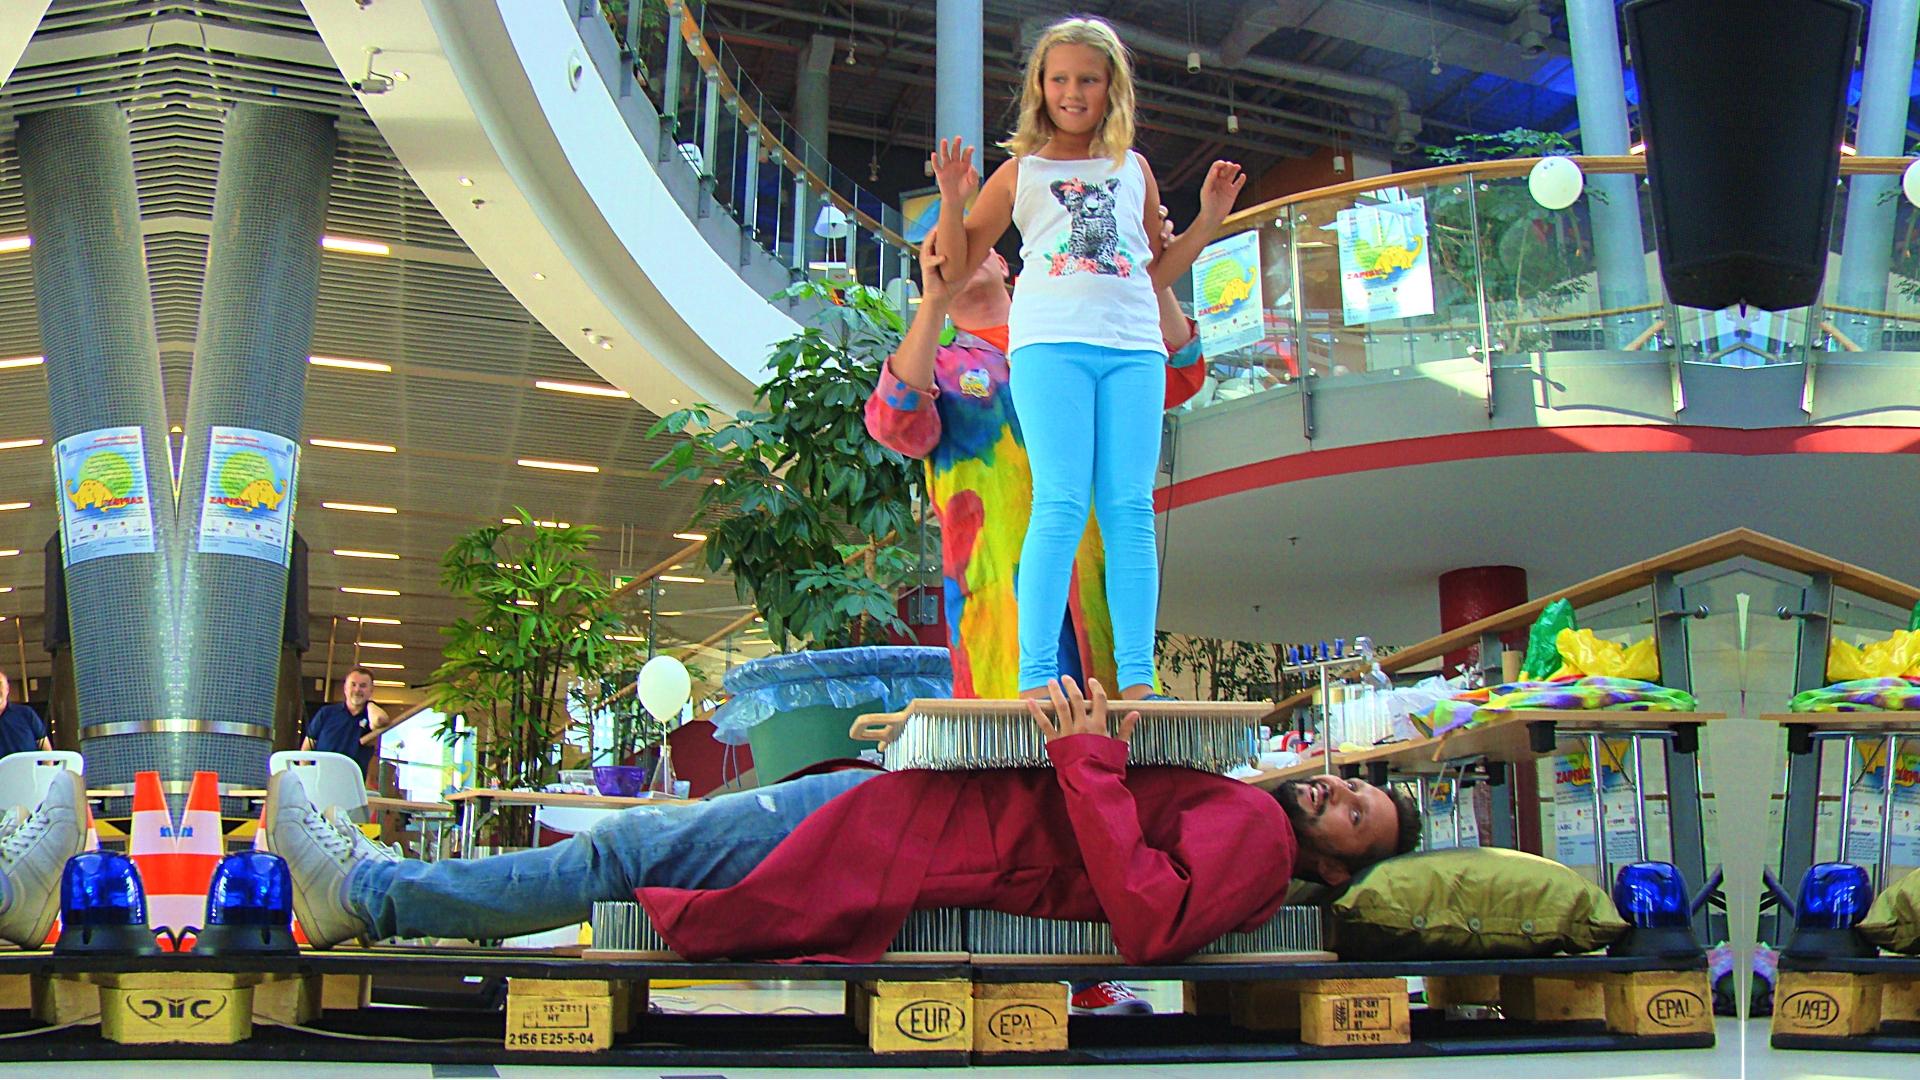 Łoże fakira z 4 tys. gwoździ, tata z córką w CH Forum Gliwice